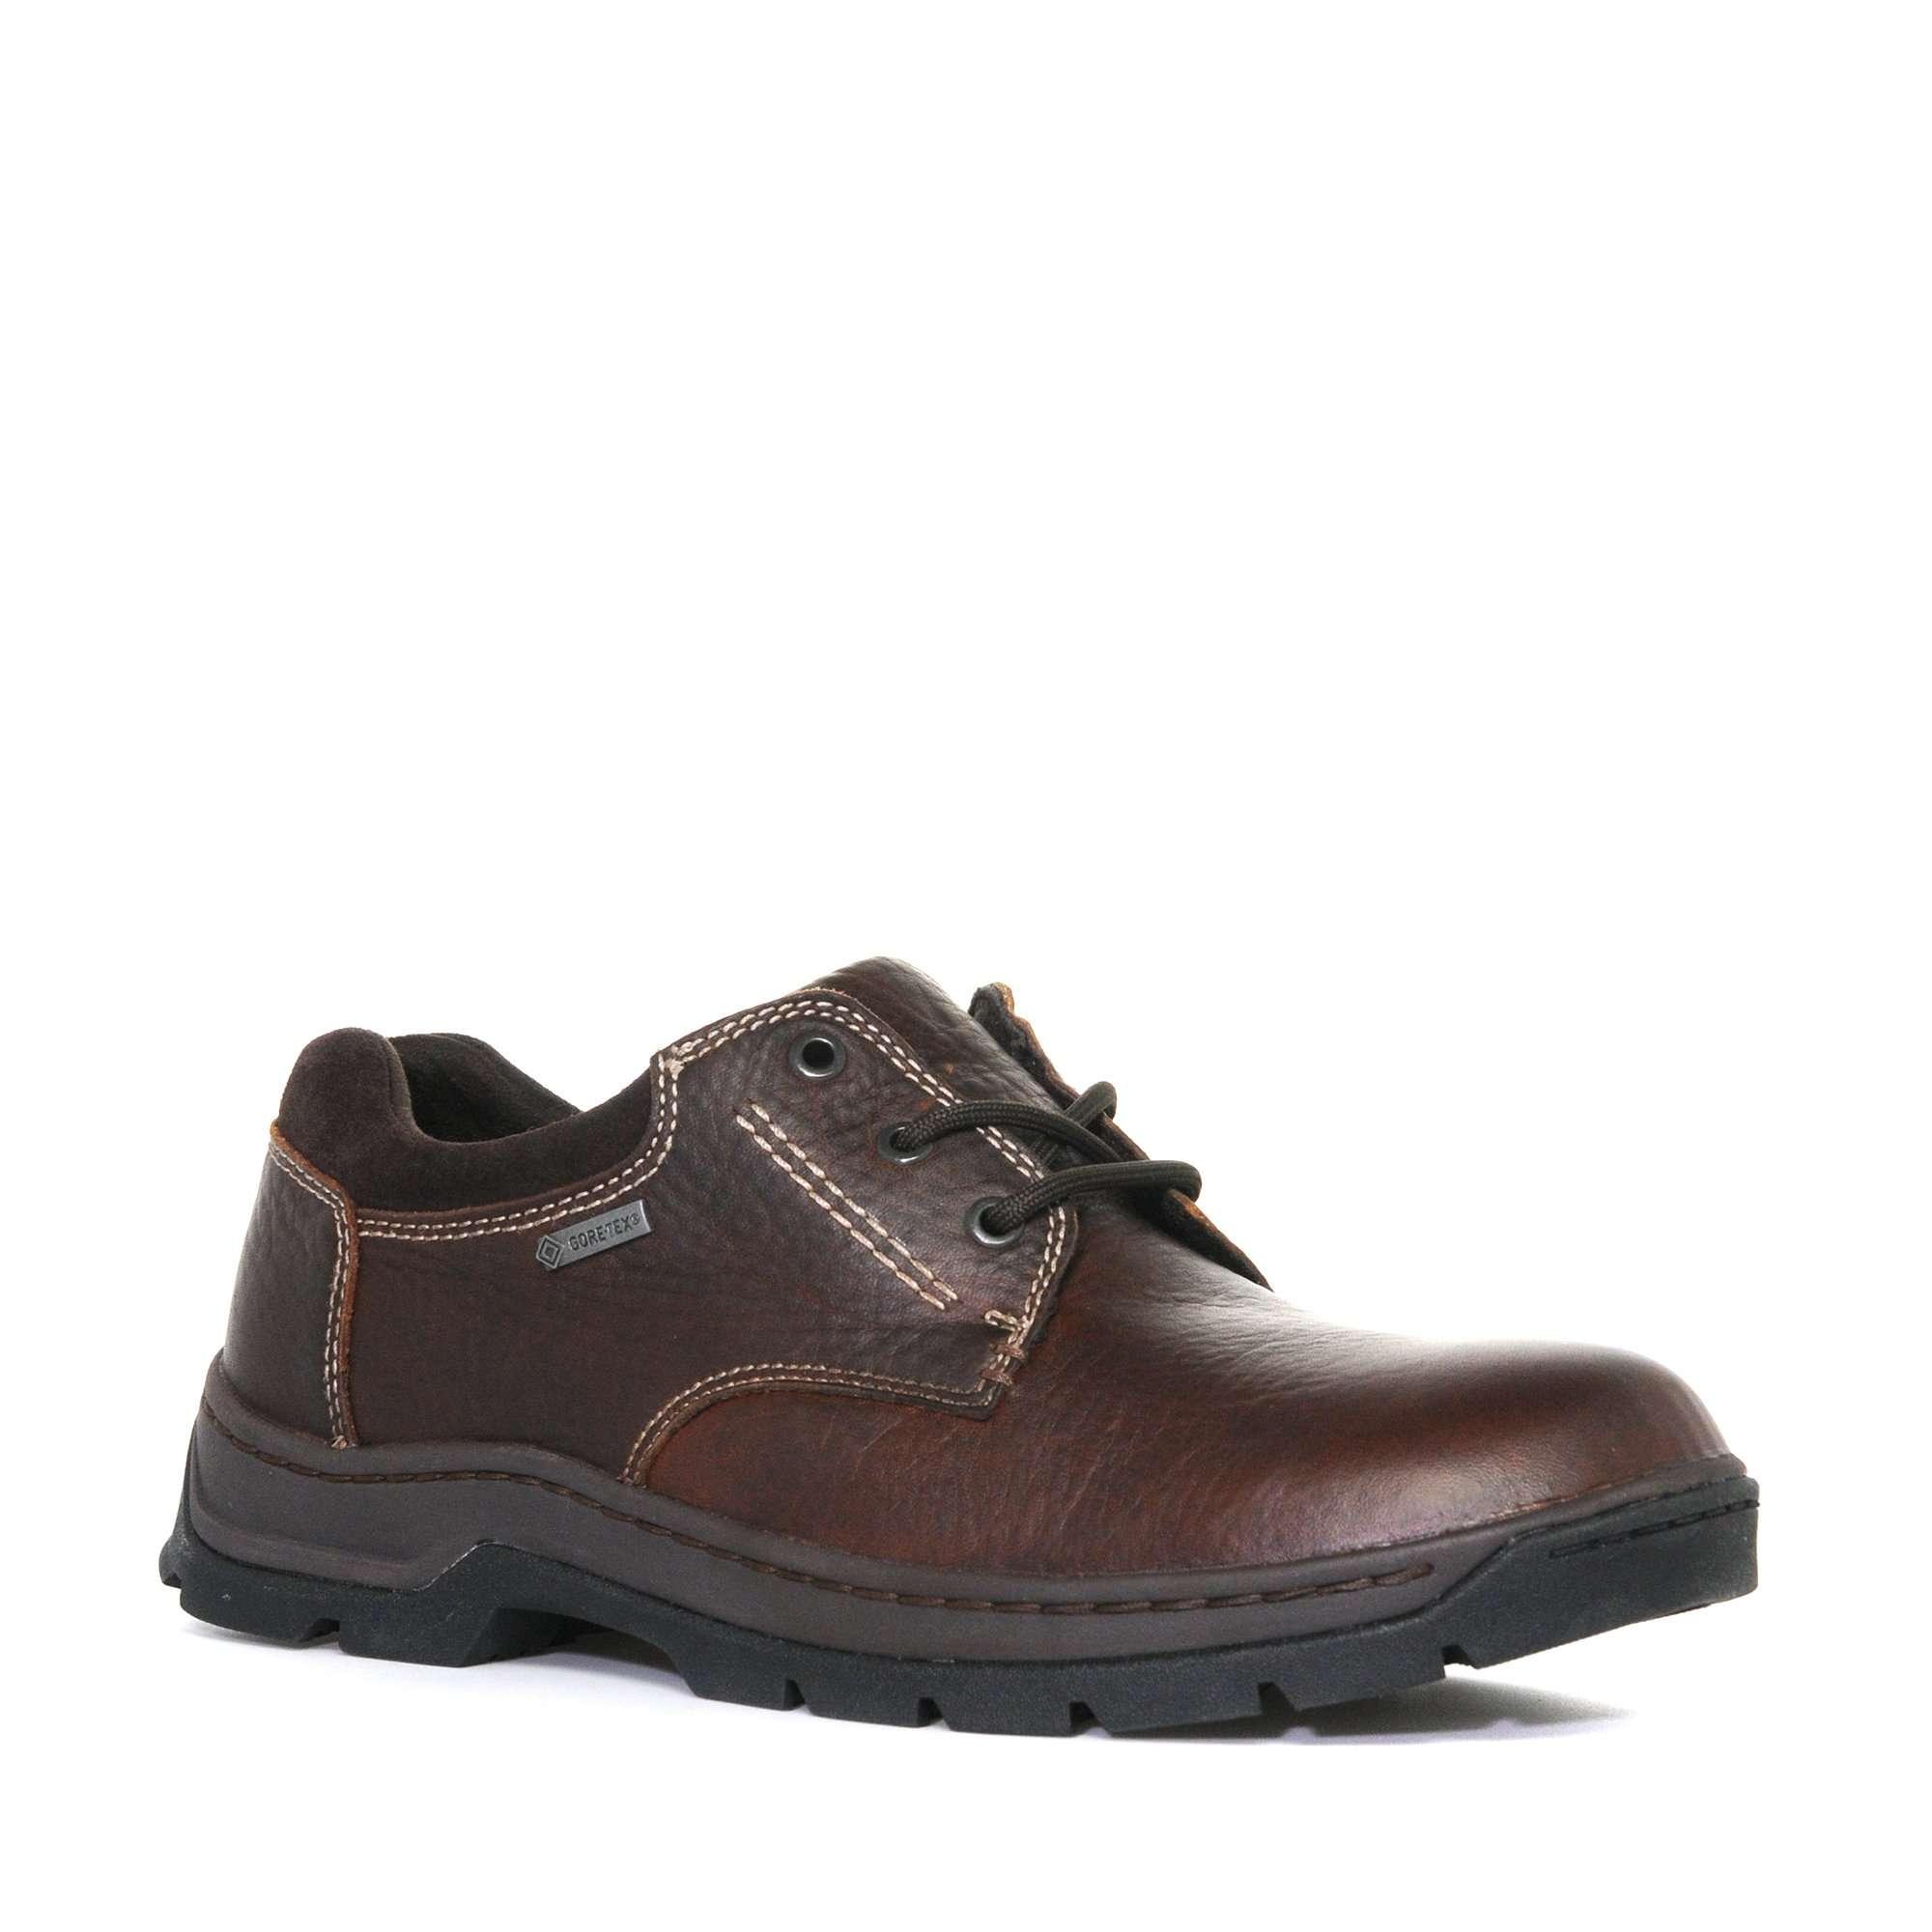 CLARKS Men's Stanten Walk GORE-TEX® Shoe